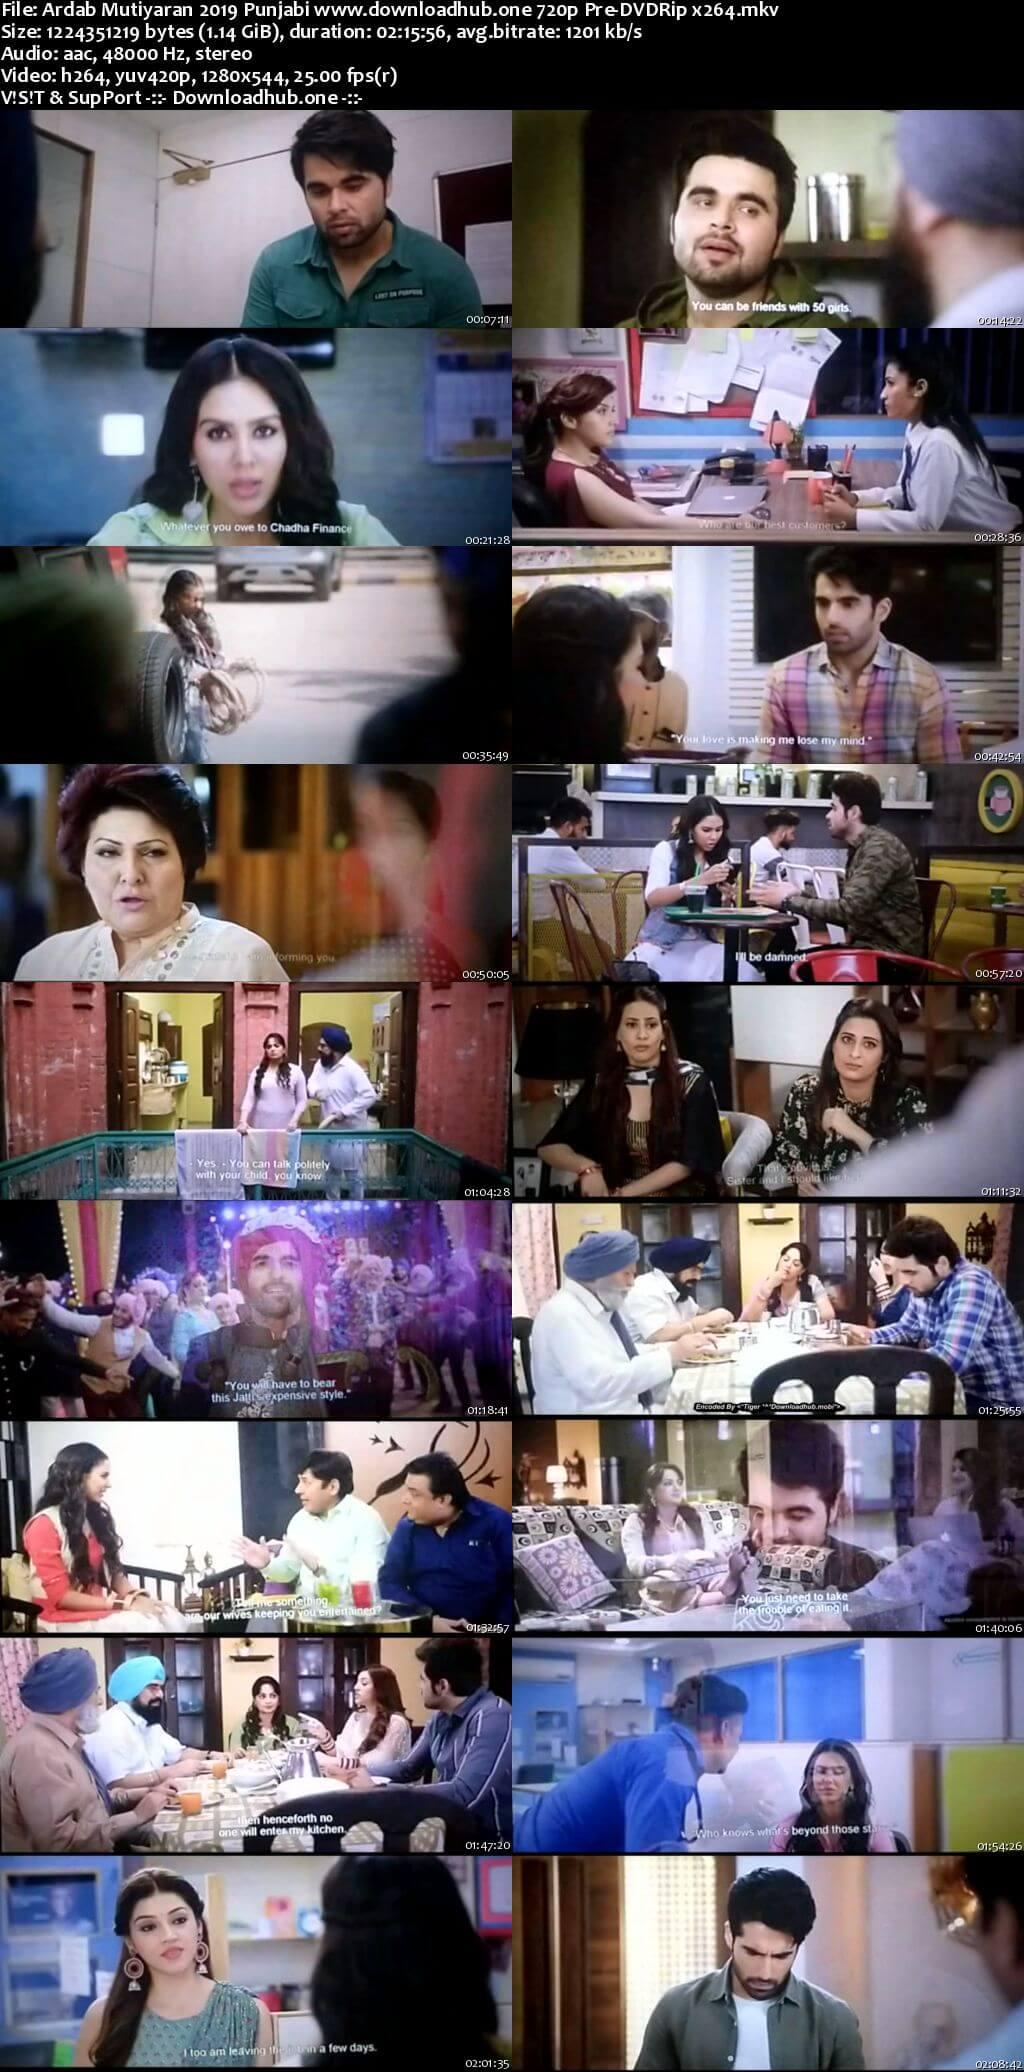 Ardab Mutiyaran 2019 Punjabi 720p 480p Pre-DVDRip x264